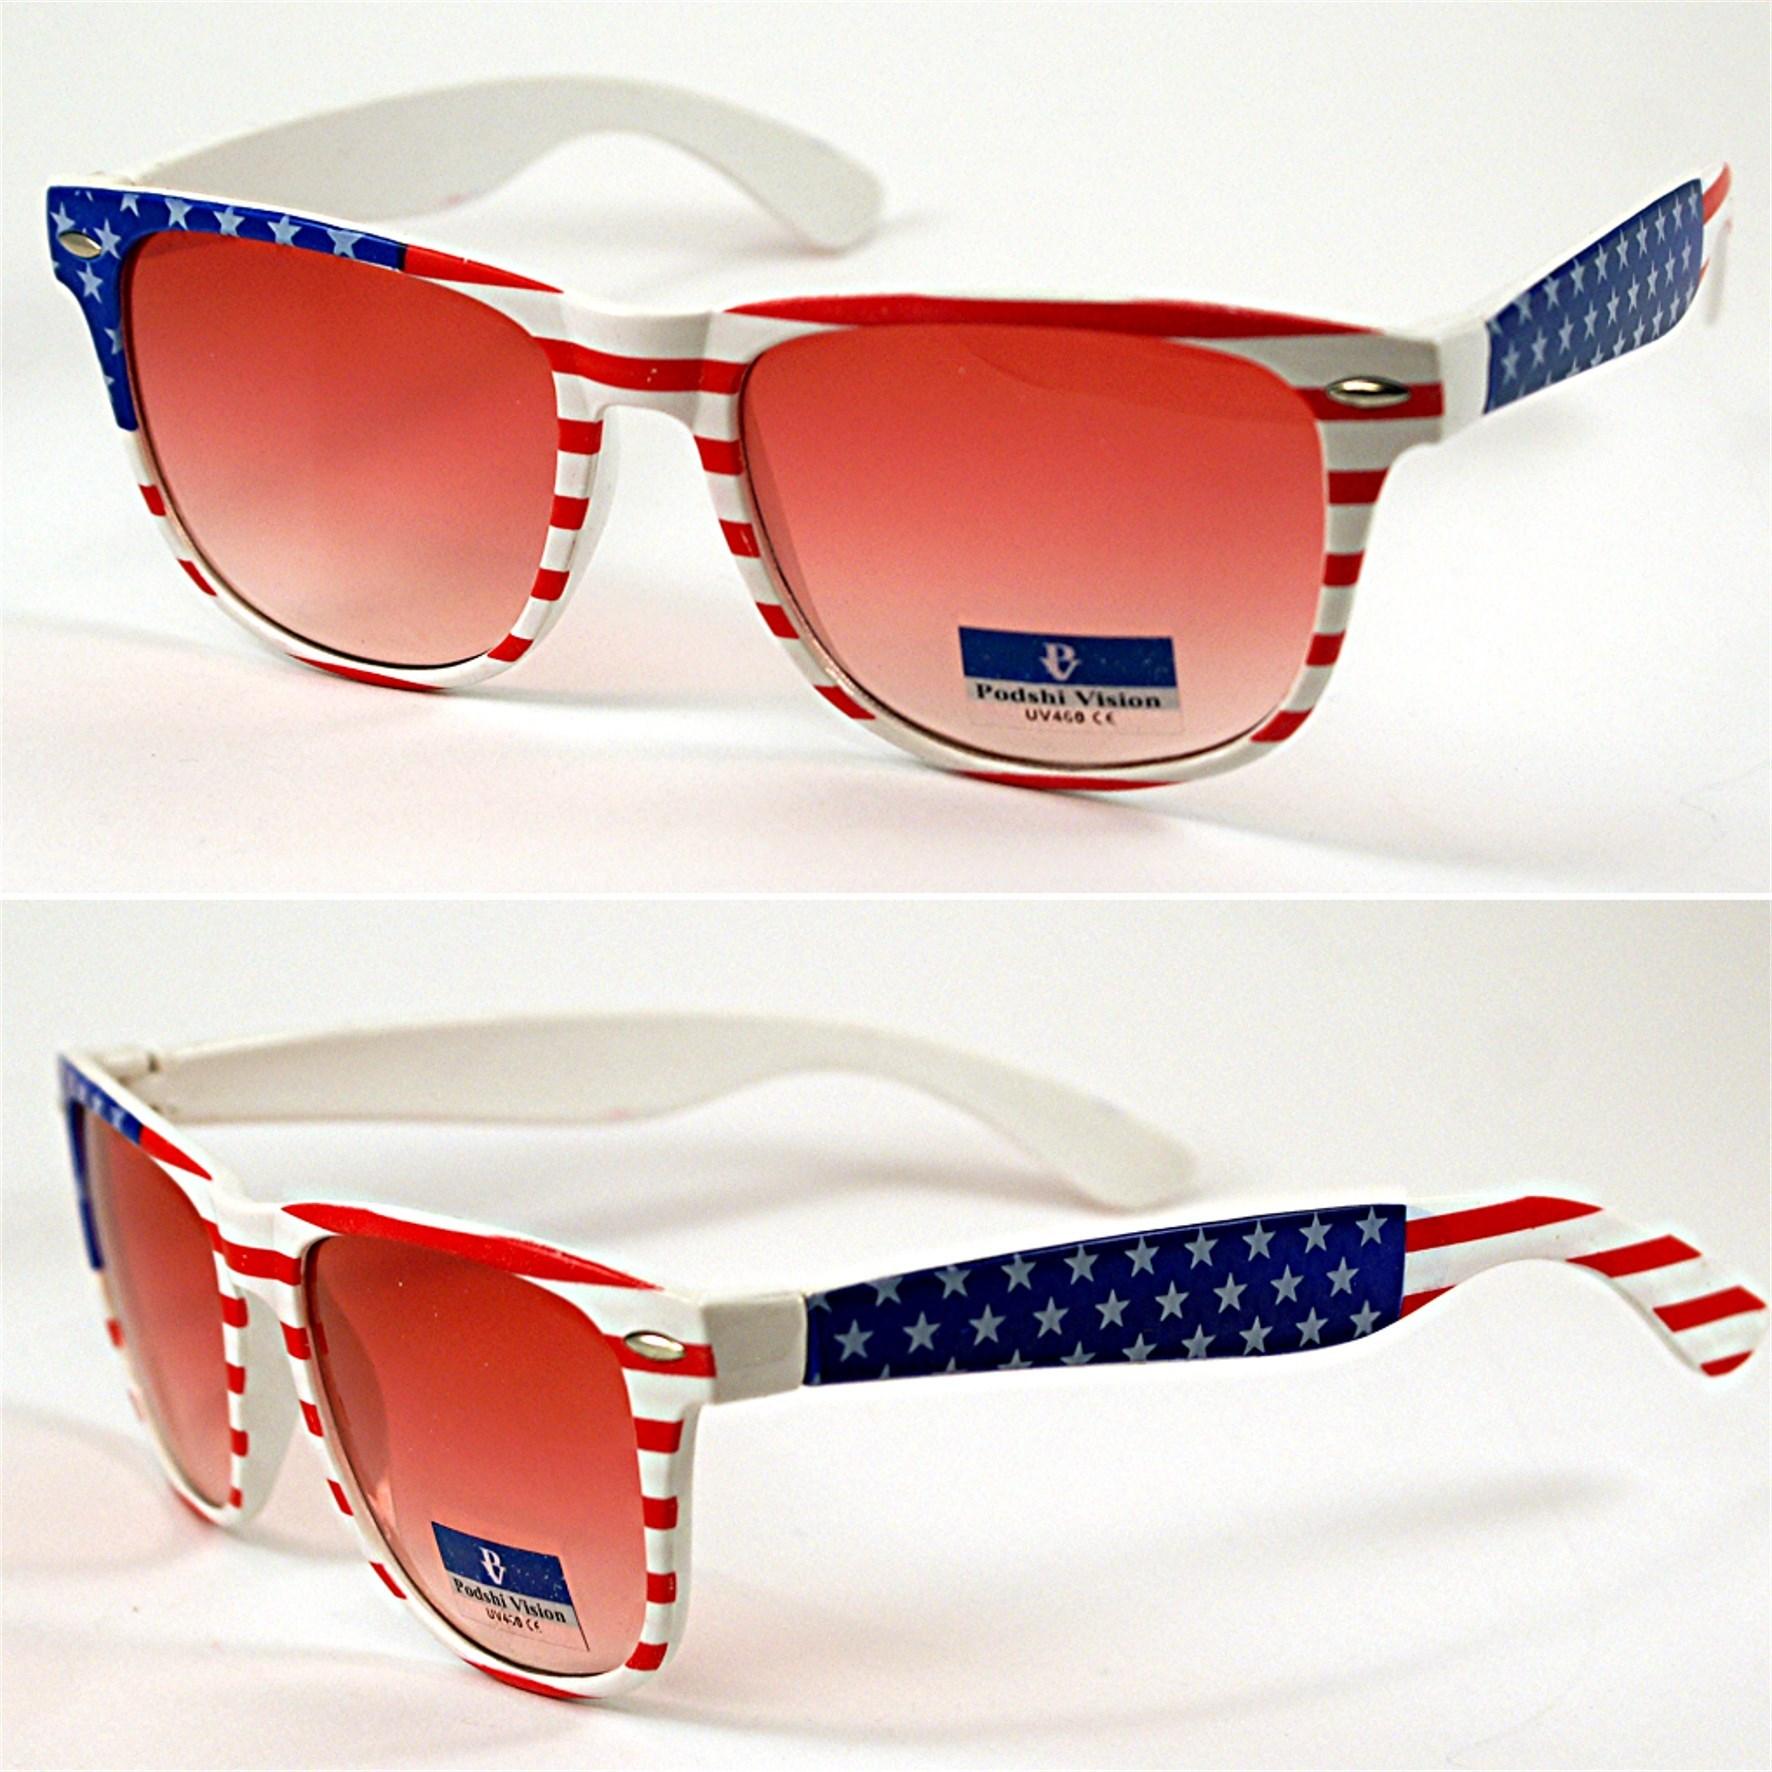 neu sonnenbrille usa england flagge motiv amerika uk brille damen herren mode ebay. Black Bedroom Furniture Sets. Home Design Ideas